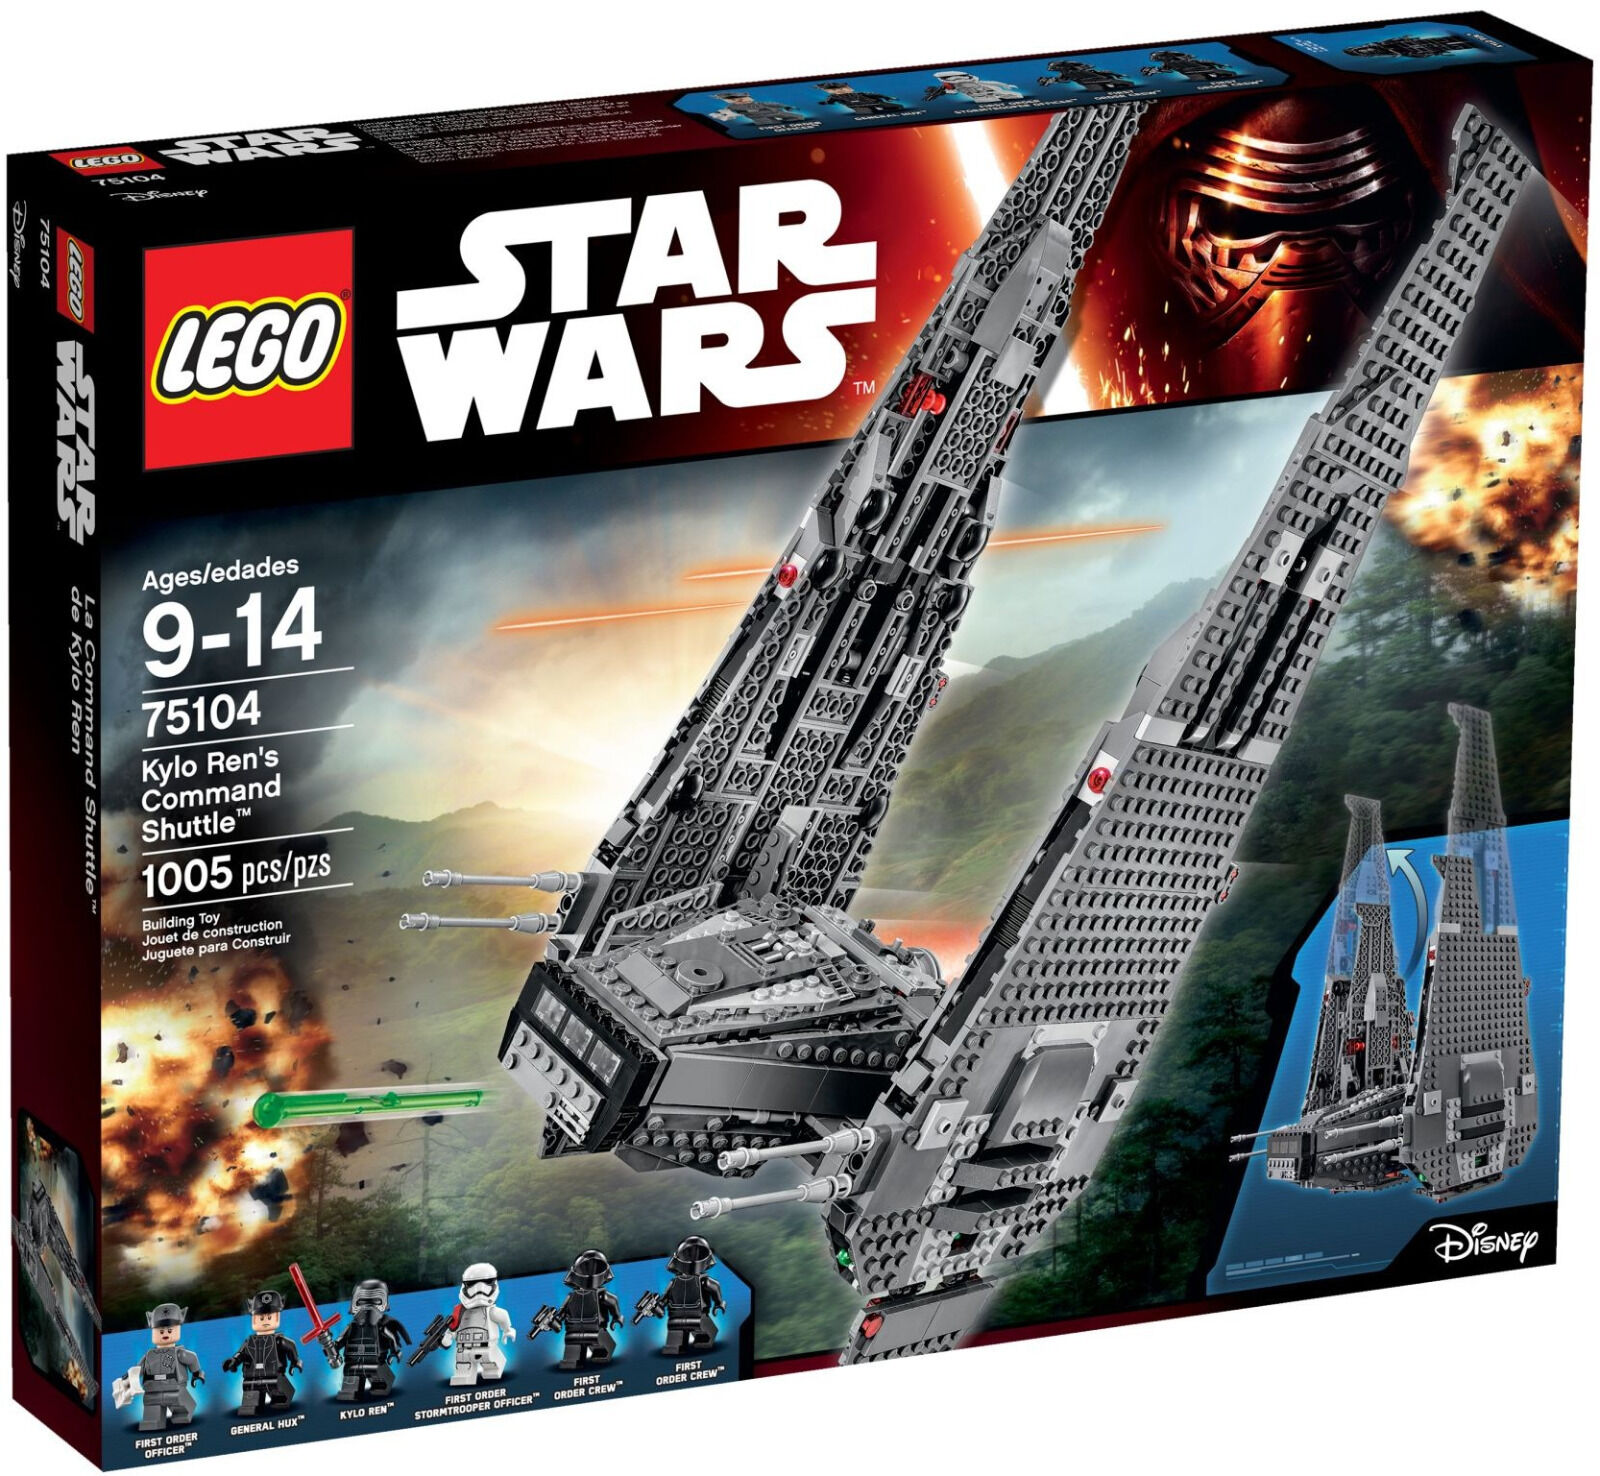 Lego 75104 Star Wars Kylo Ren's comando Shuttle (nuevo Sellado) Conjunto retirado